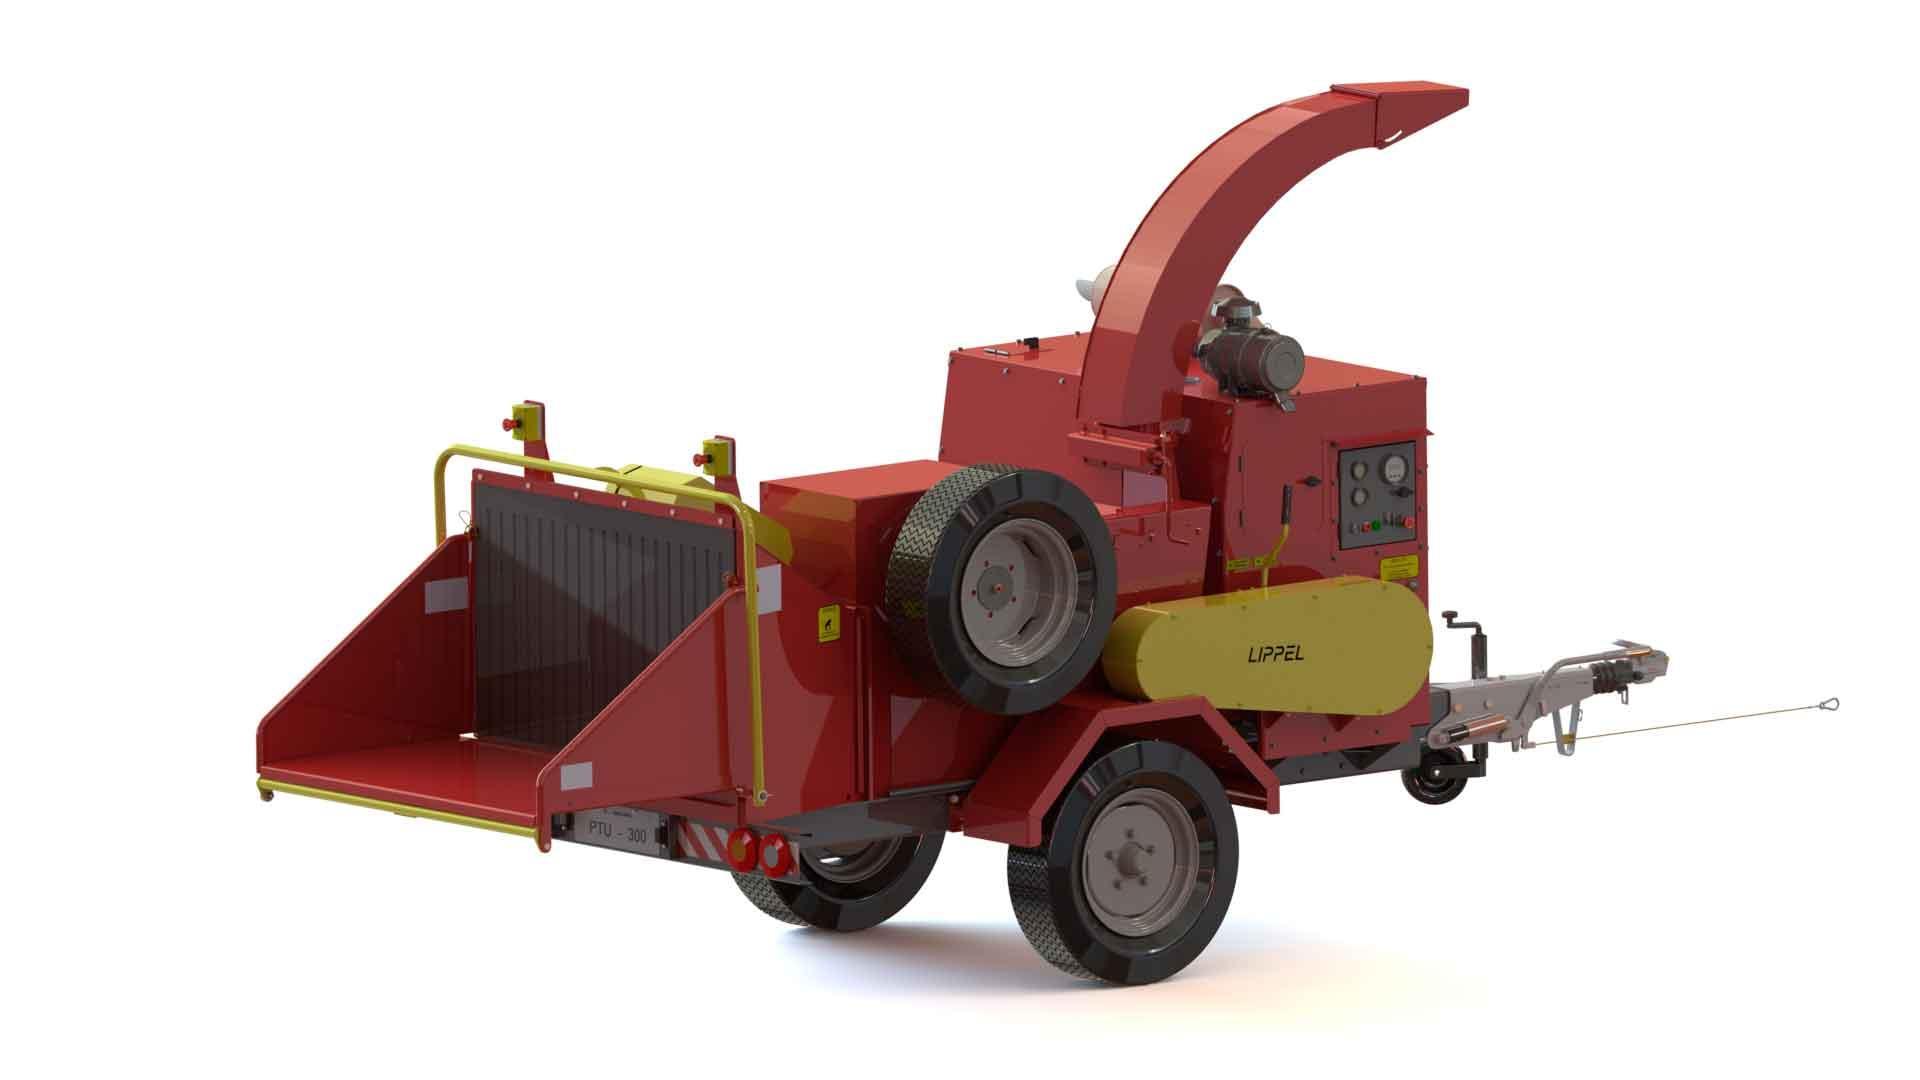 Picador / Triturador de Galhos PTU 350E ideial para picagem de galhadas, troncos e arbustos.